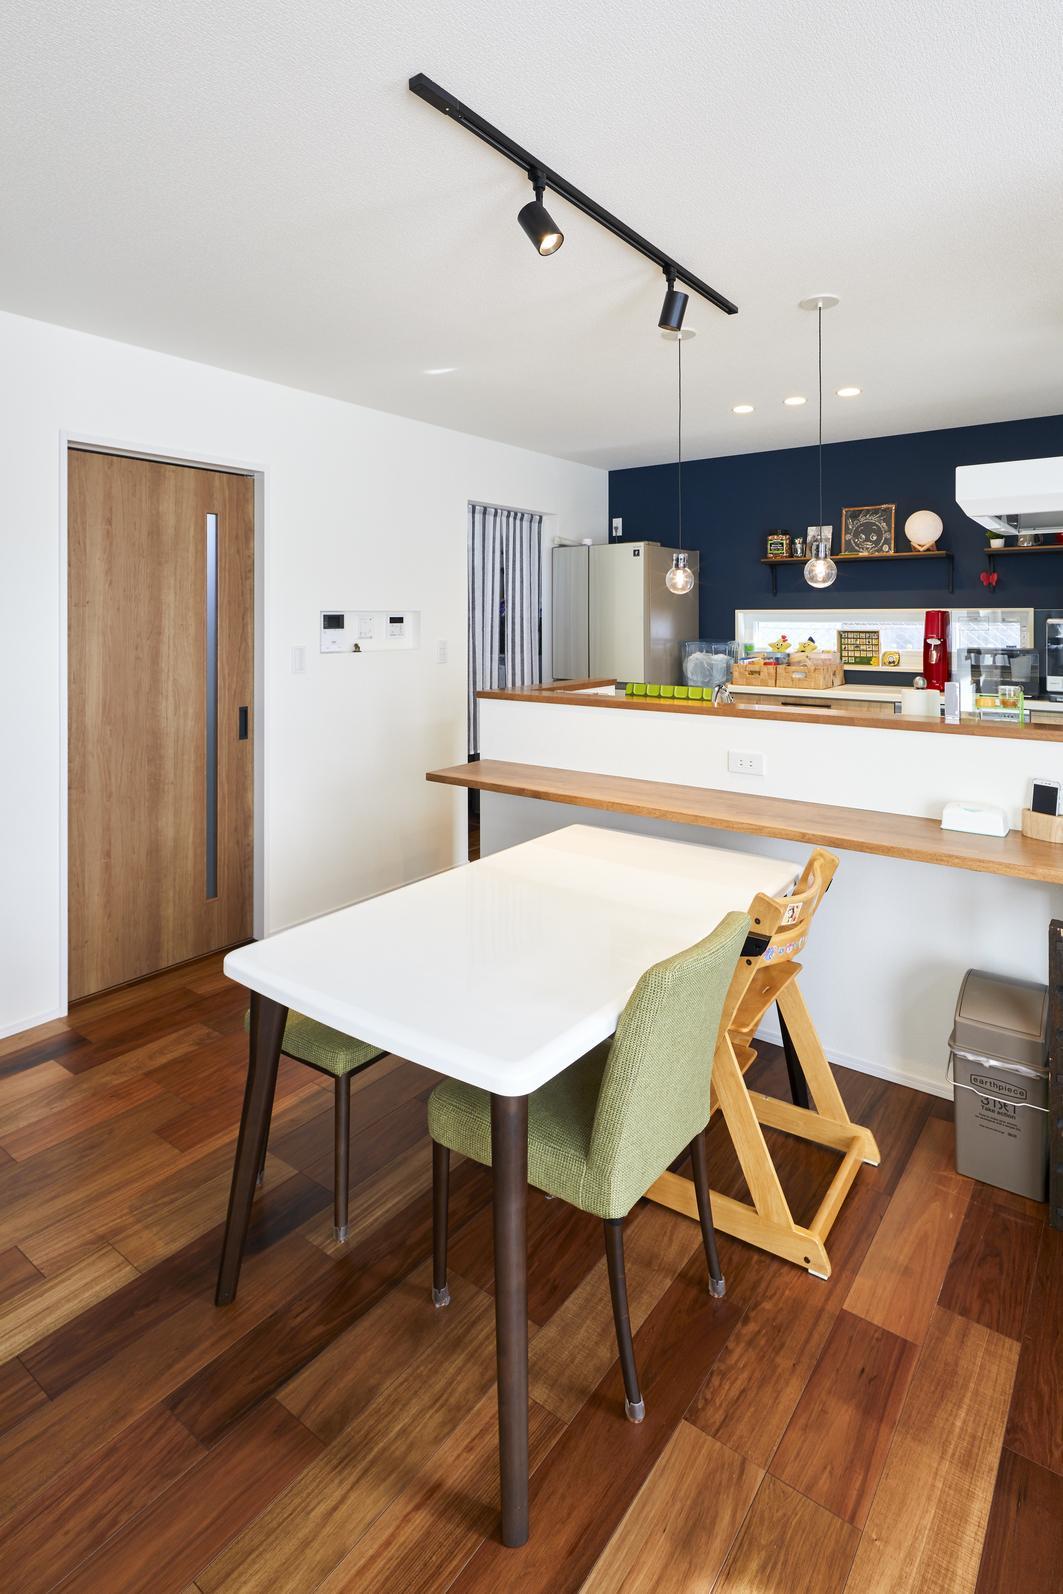 ダイニング側にはカウンターを造作。キッチンの腰壁にはダイニングテーブルの高さに合わせてコンセントを設置しているので、ホットプレートなど利用時には大助かり